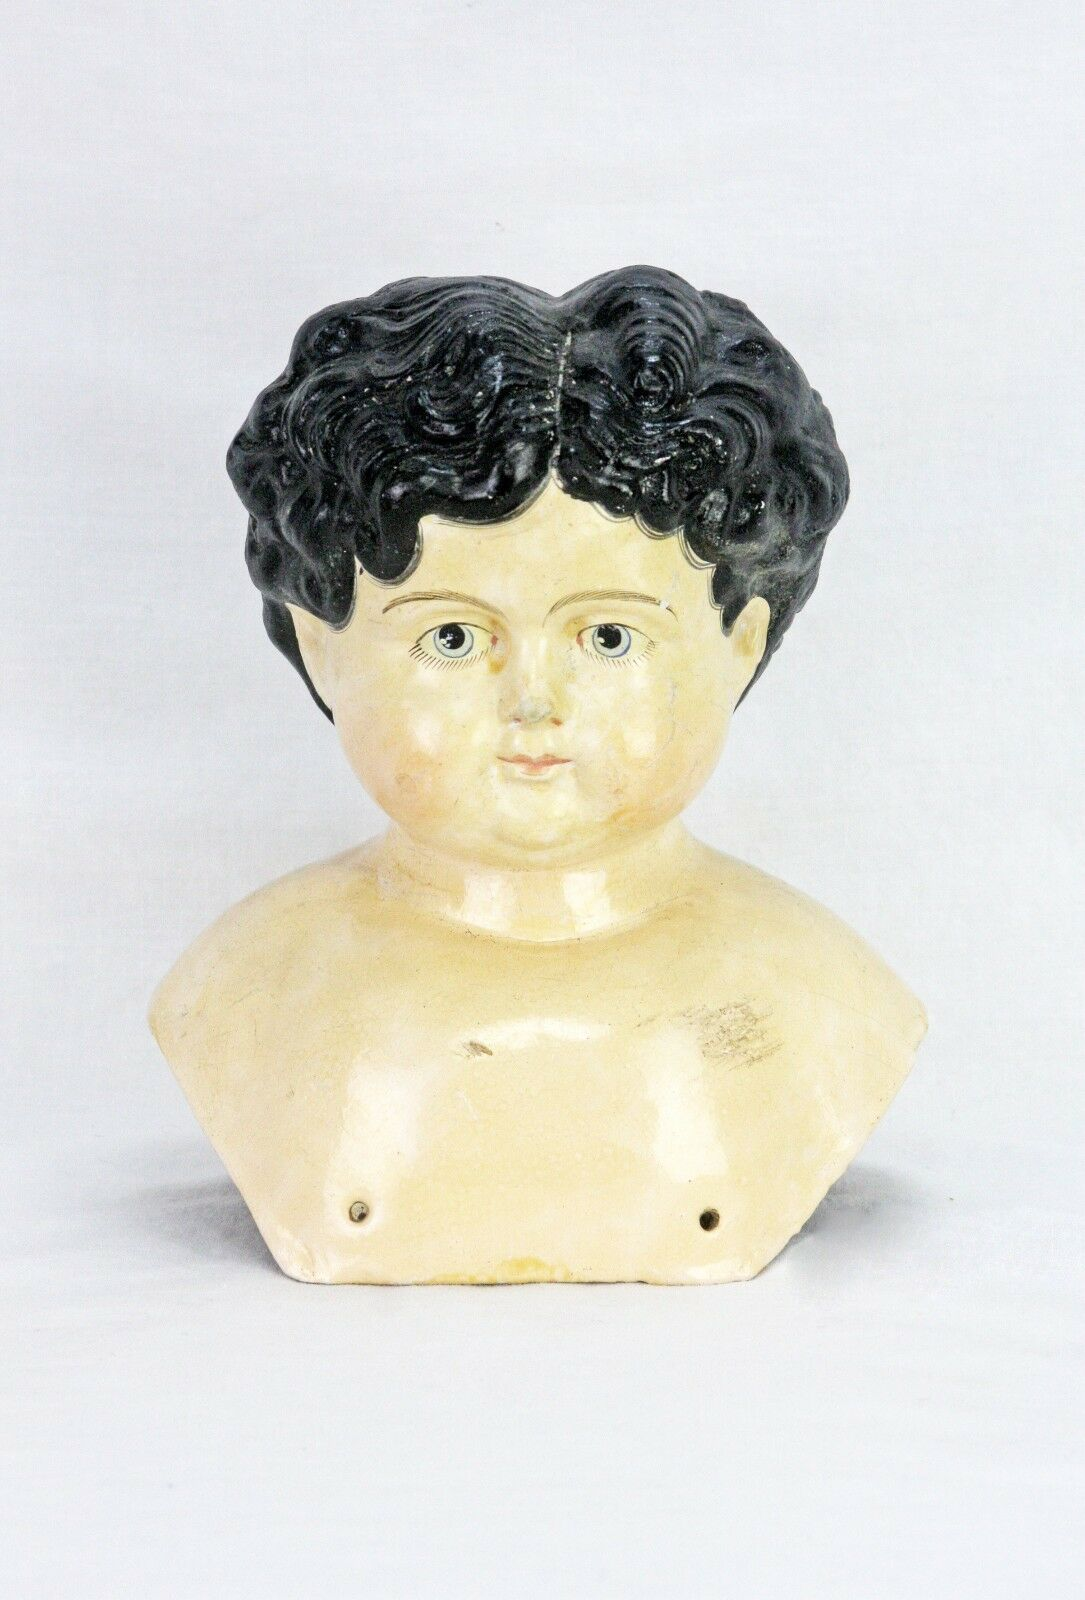 Muñeco De Papel Maché Antiguo Alemán Grande Hombro Cabeza ca1880